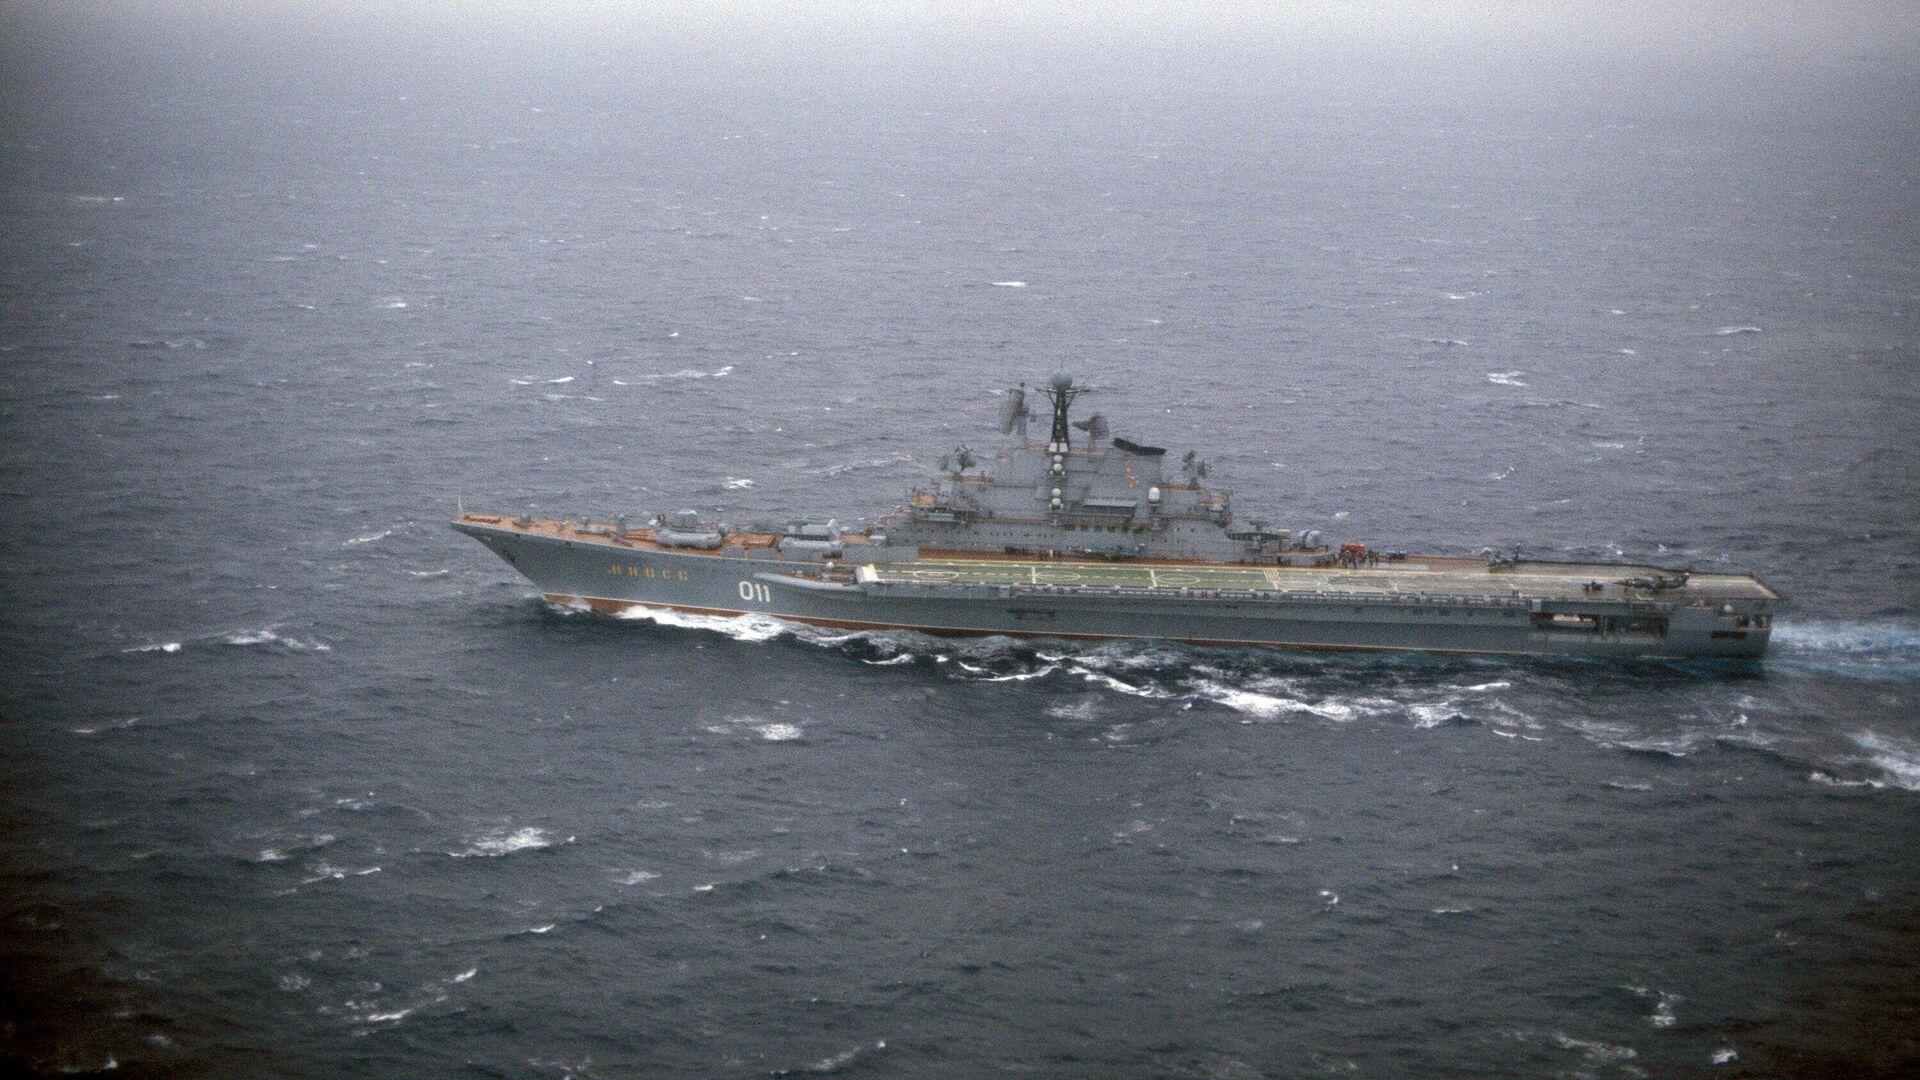 El portaaviones Minsk de la clase Kiev de la Armada de la URSS en 1983  - Sputnik Mundo, 1920, 23.04.2021